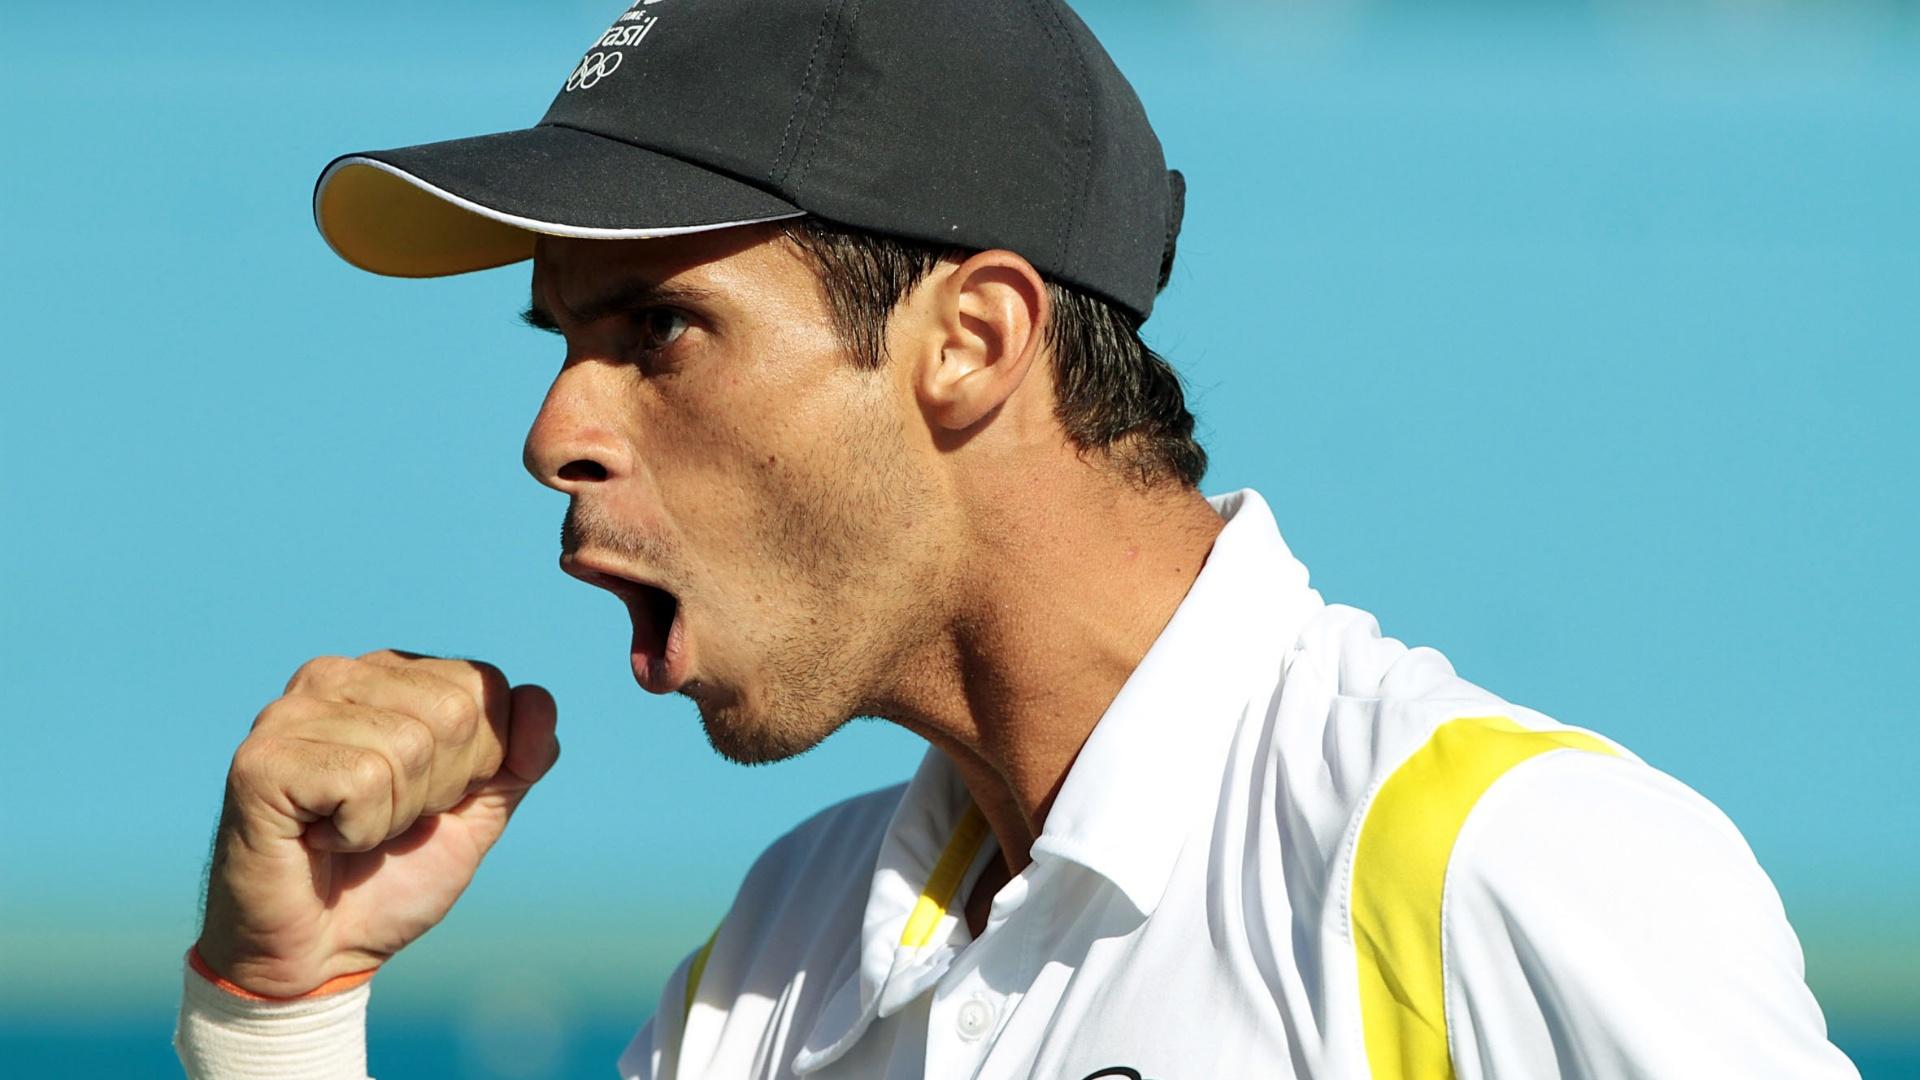 Brasileiro Rogério Dutra Silva comemora vitória na estreia pelos Jogos Pan-Americanos na chave de simples do tênis (18/10/2011)